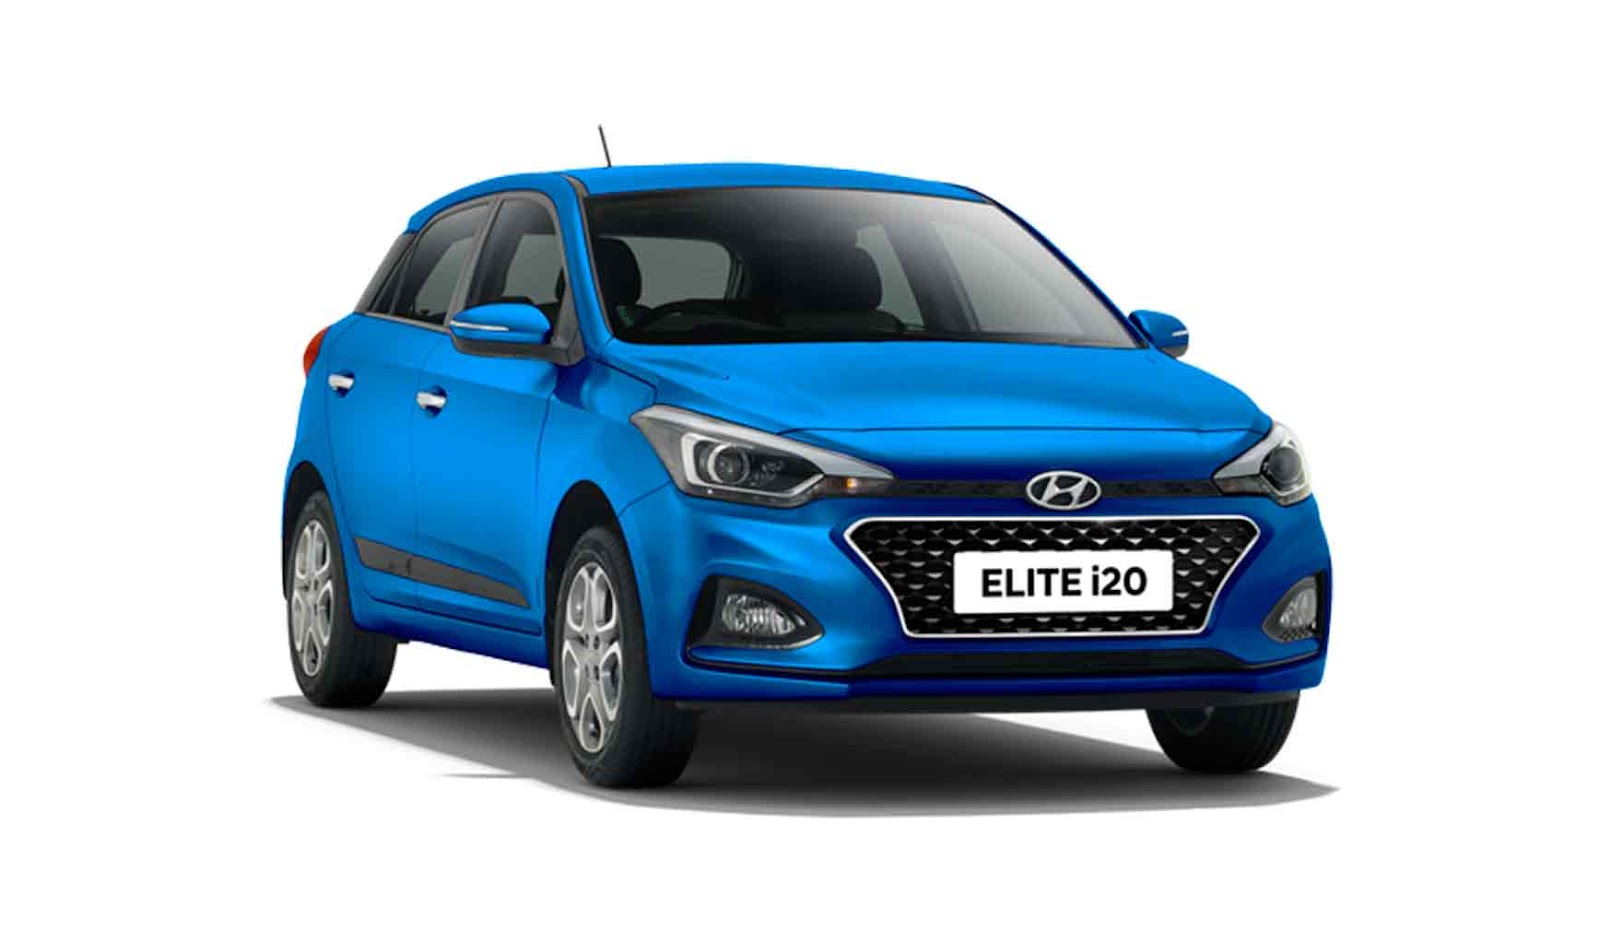 Best Quality Premium Hatchback in India - Hyundai Elite i20